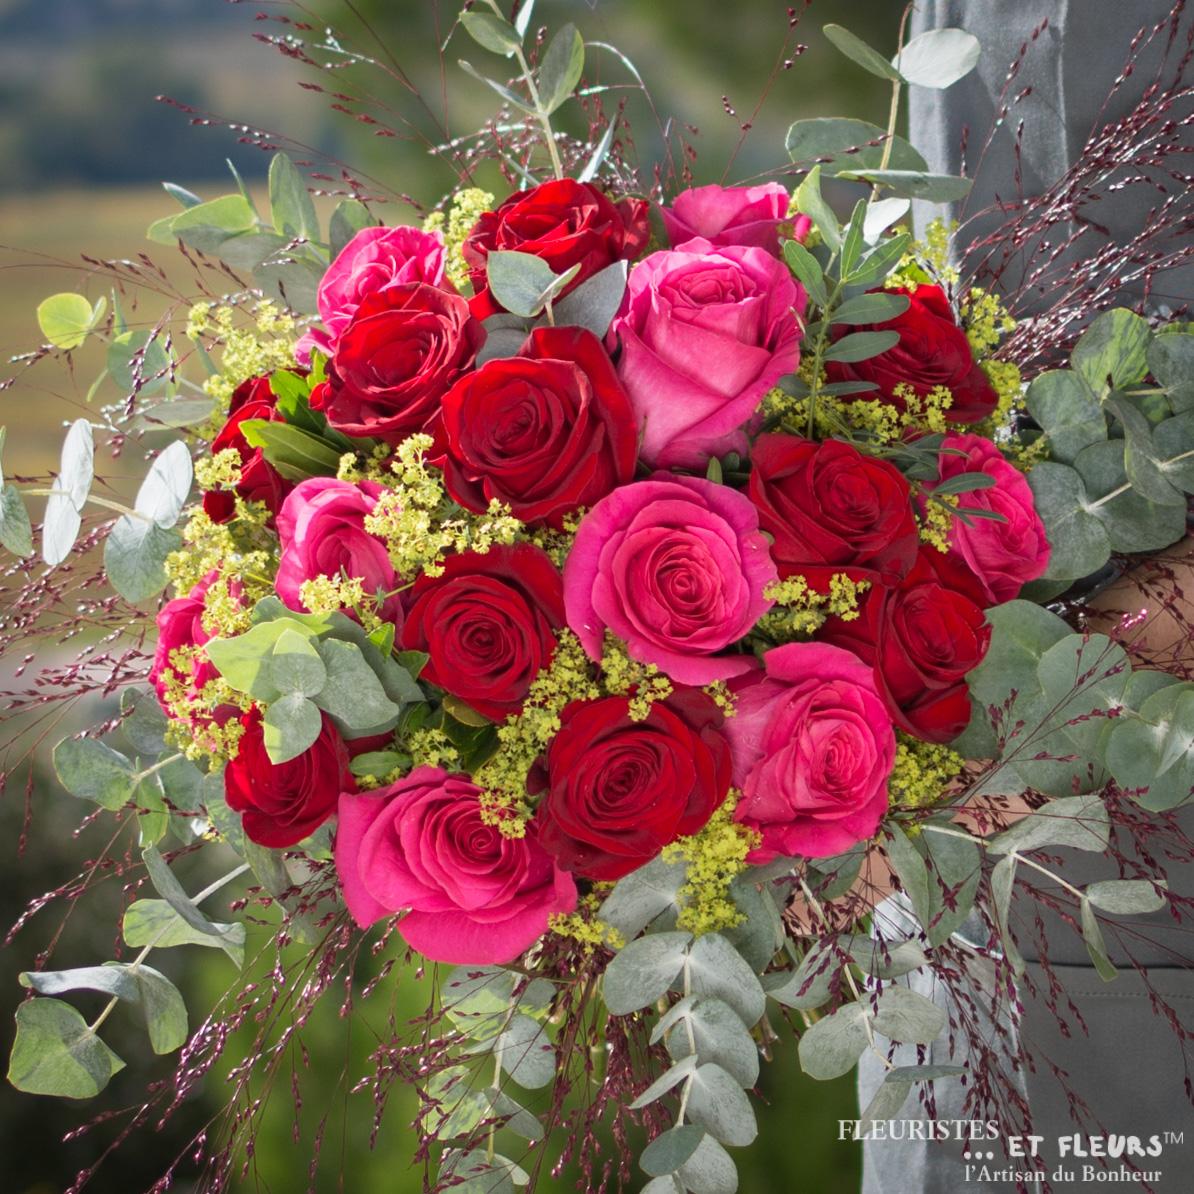 2018 Nouveau catalogue : Parce que des bouquets d'un Artisan, c'est plus que des fleurs